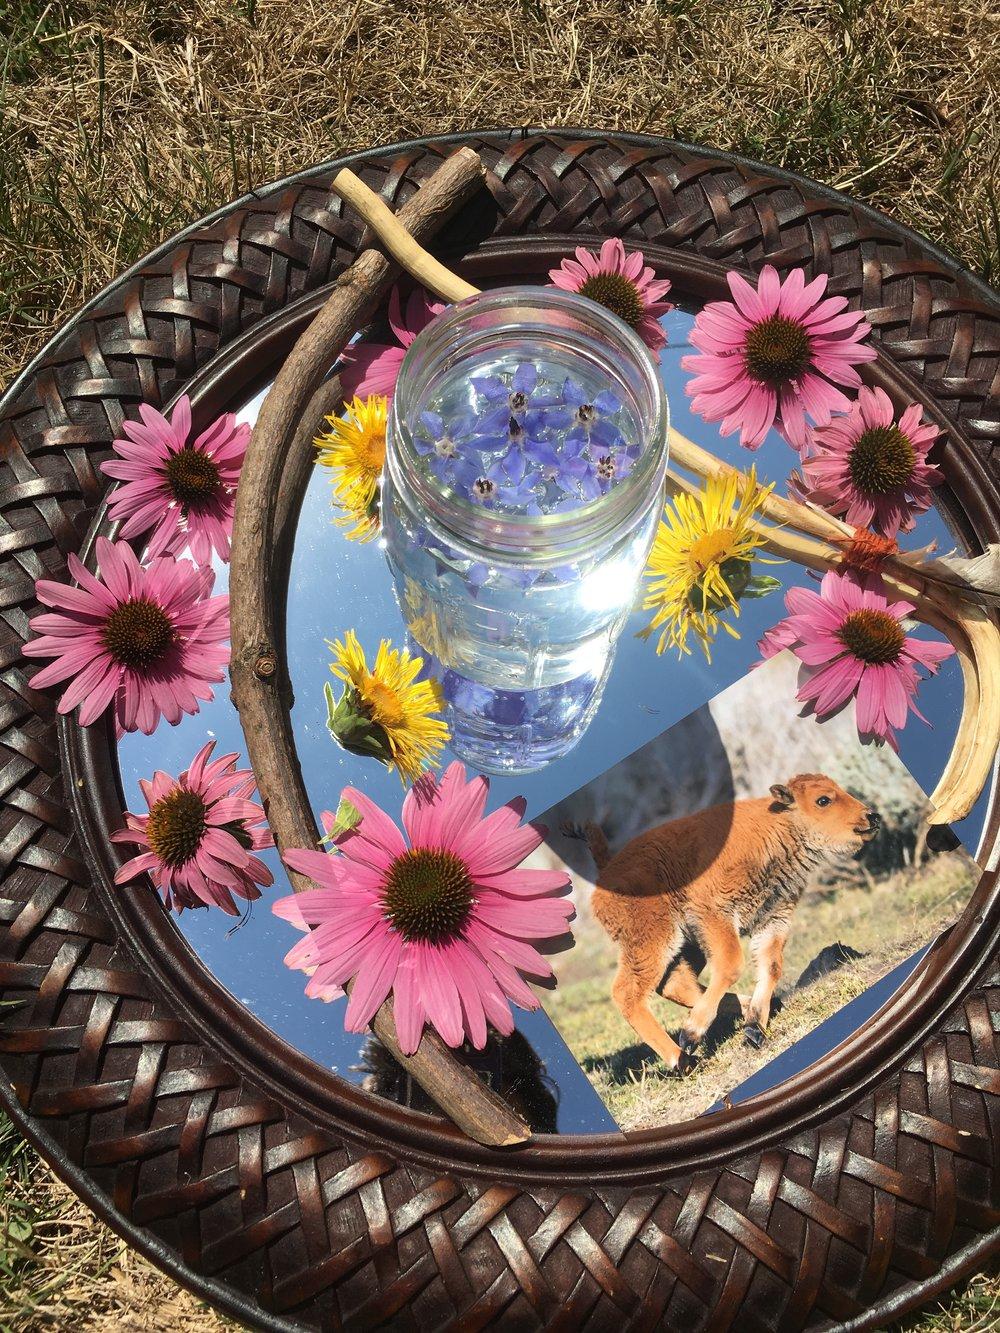 herbalism oregon herbalist plant eugene